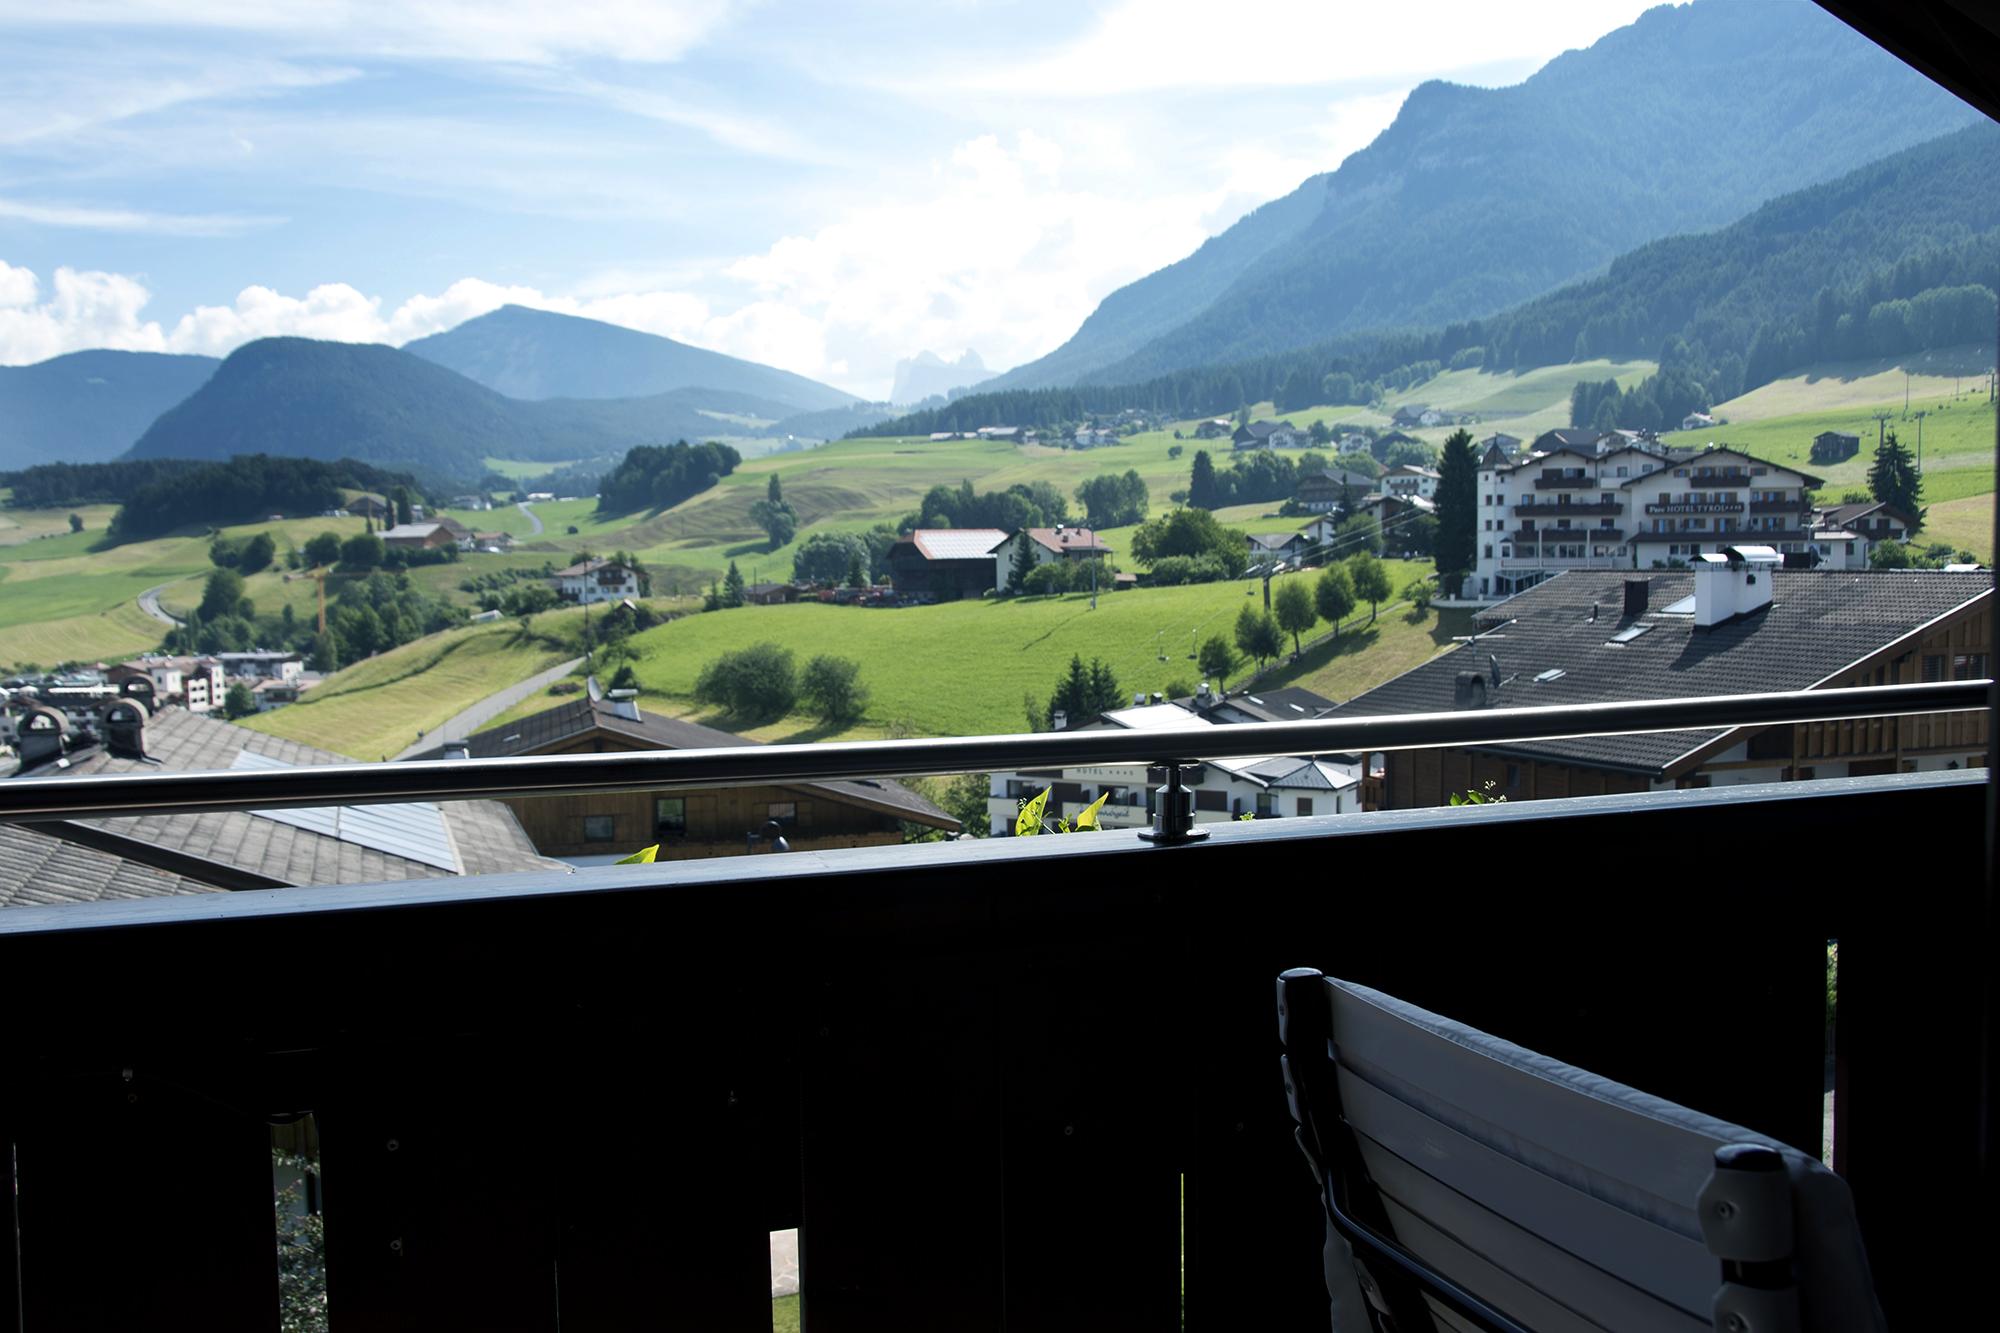 Hotel Mayr Blick von Balkon auf Seiser Alm